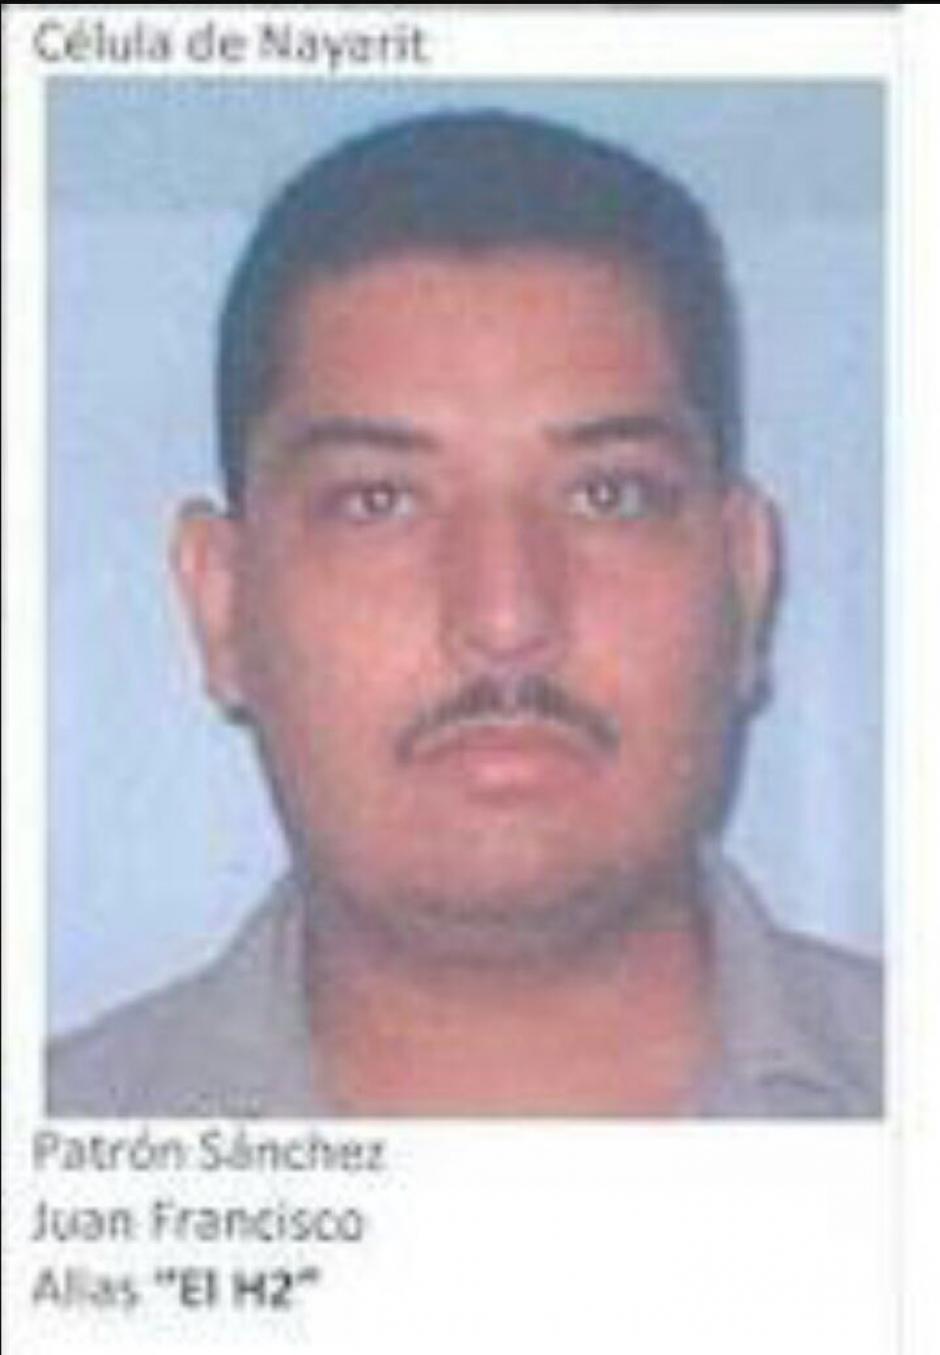 Juan Francisco Patrón Sanchez, alias el H2, murió en el operativo. (Foto: Twitter)